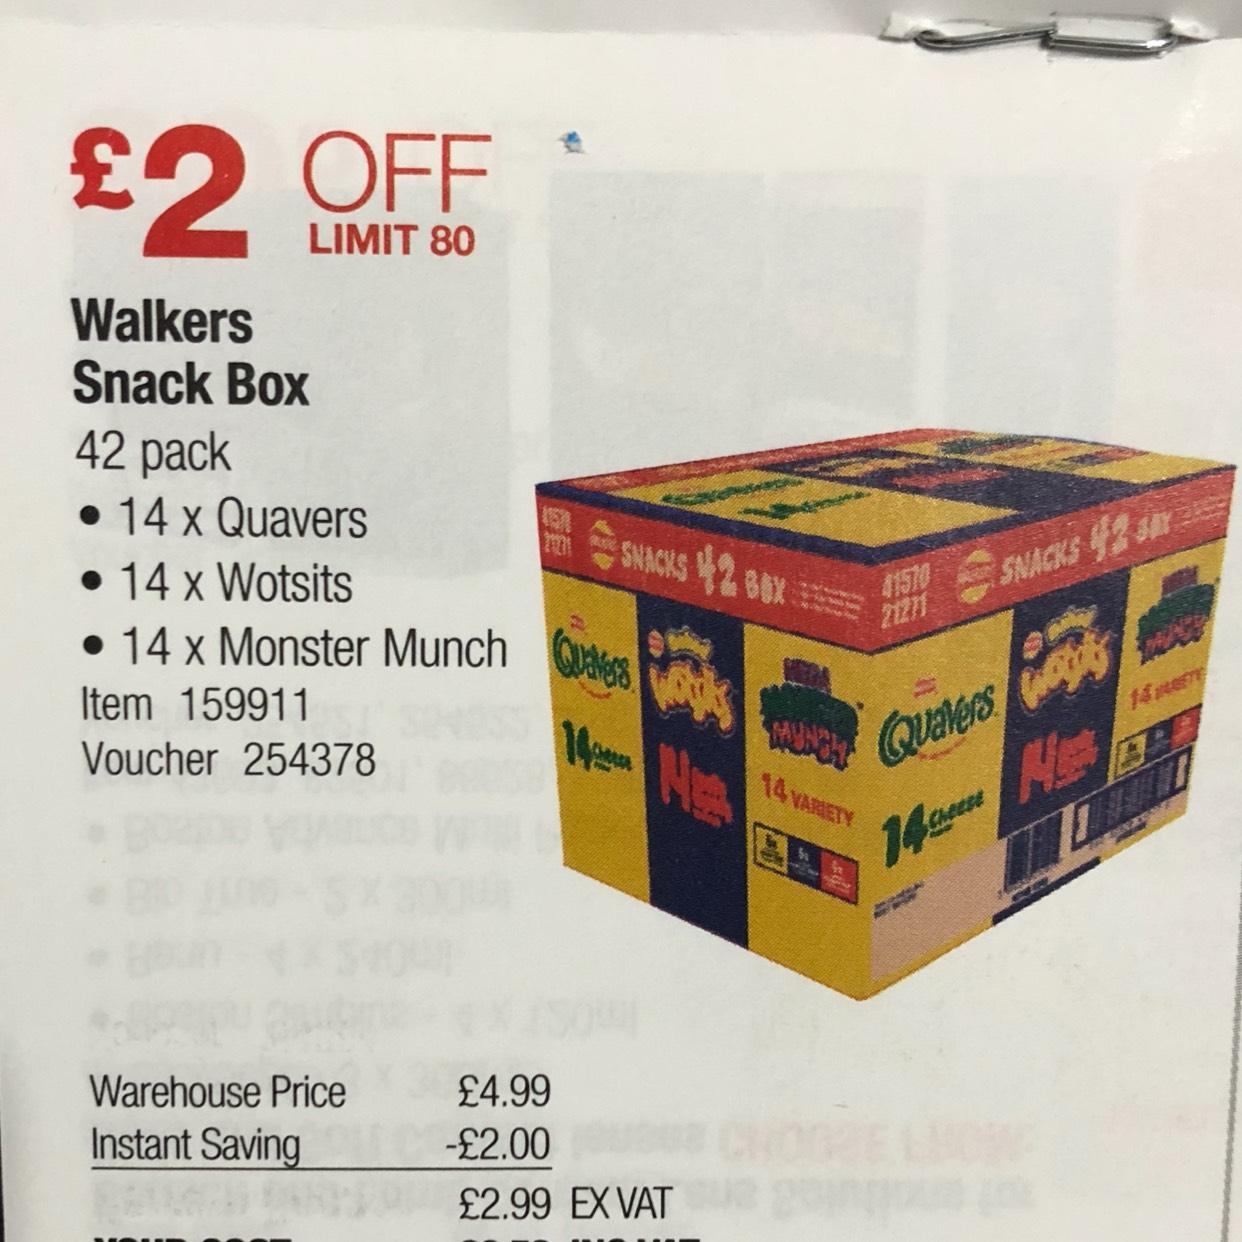 Walkers Snack Box (42 Packs) £3.58 @ Costco